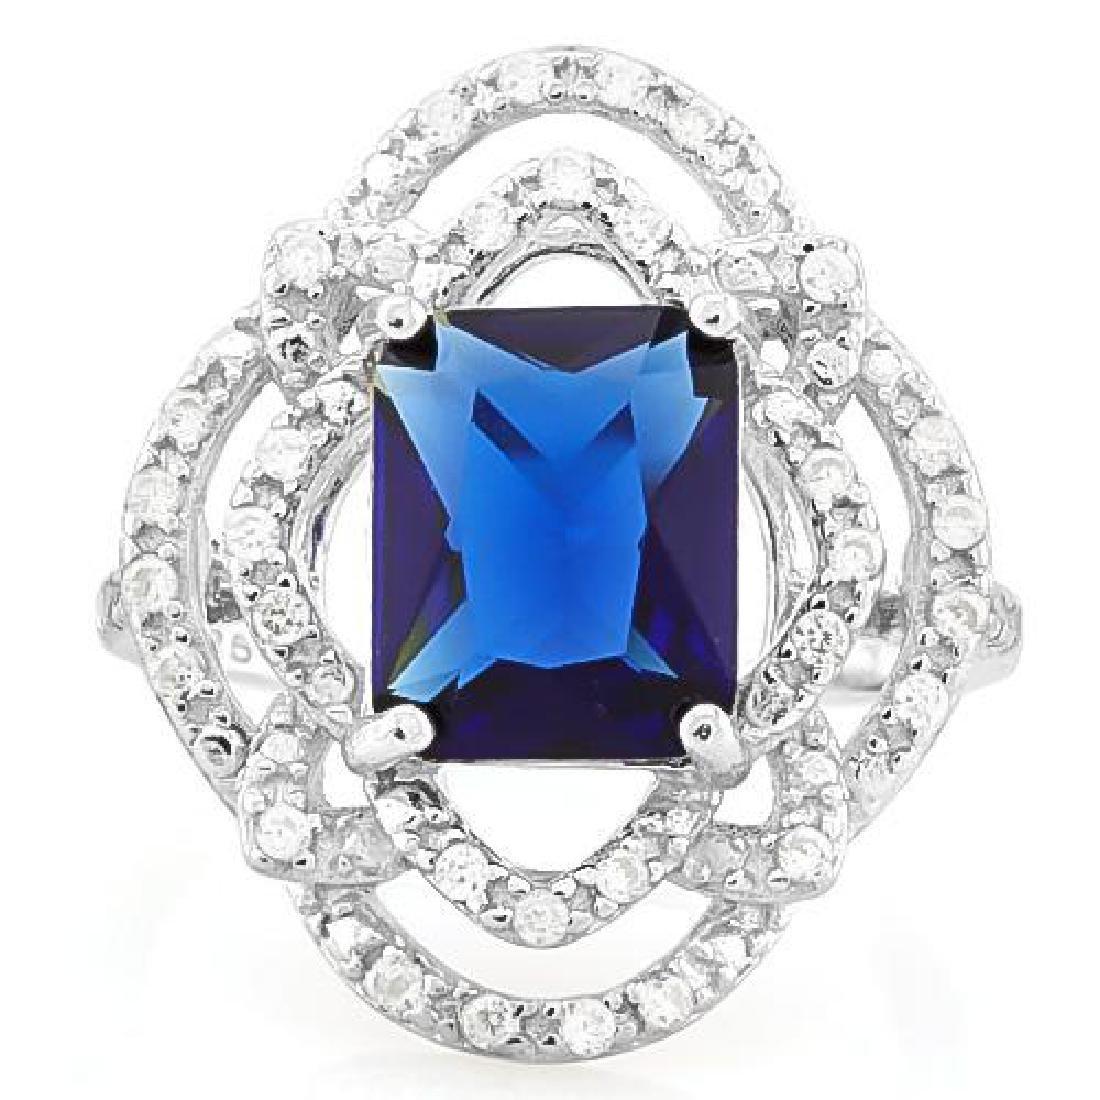 EXQUISITE ART DECO DEEP BLUE QUARTZ COCKTAIL RING